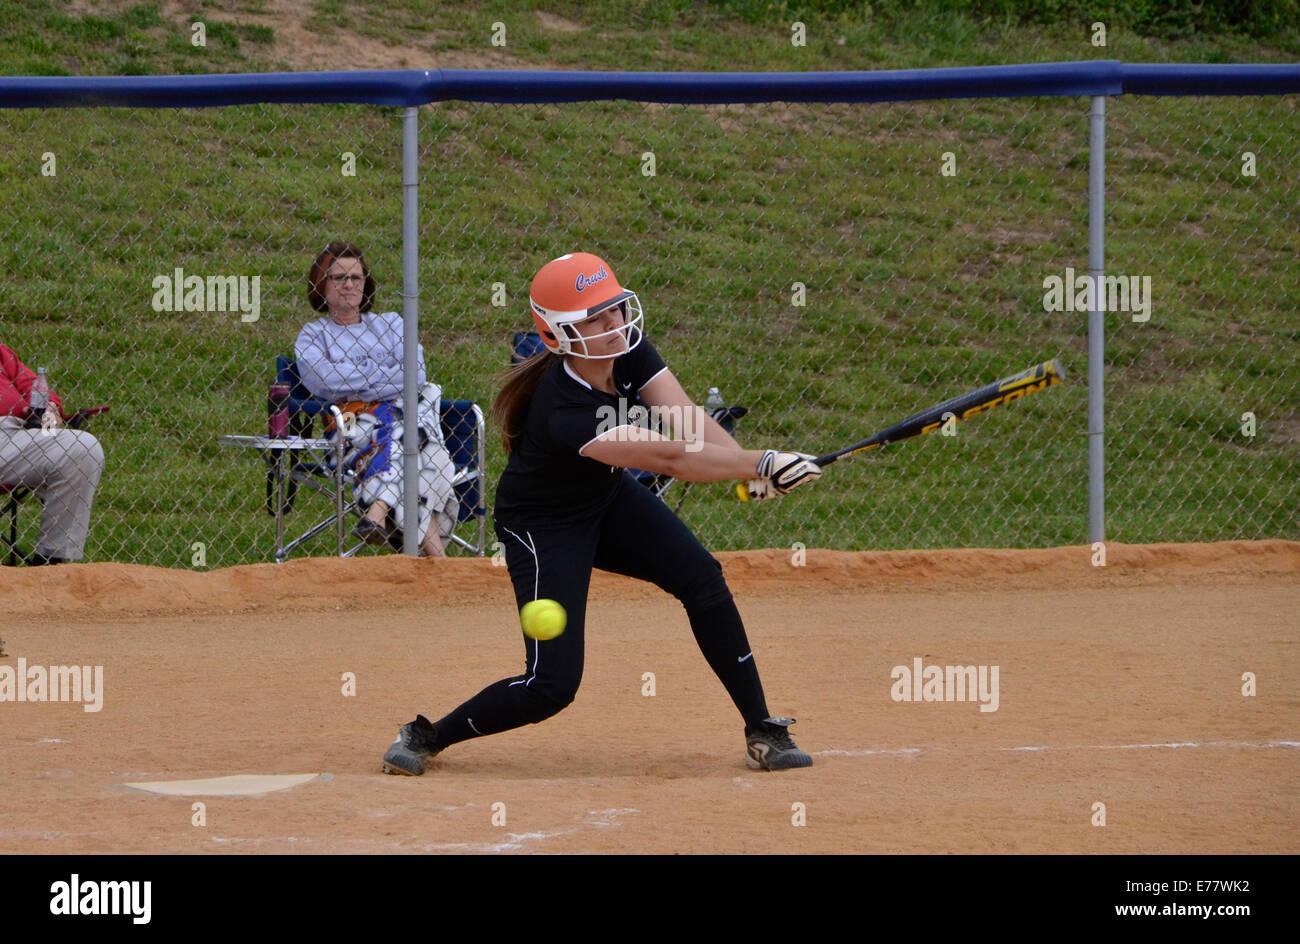 Kollision mit einem Foul Ball in einer High-School-Softball-Spiel Stockbild